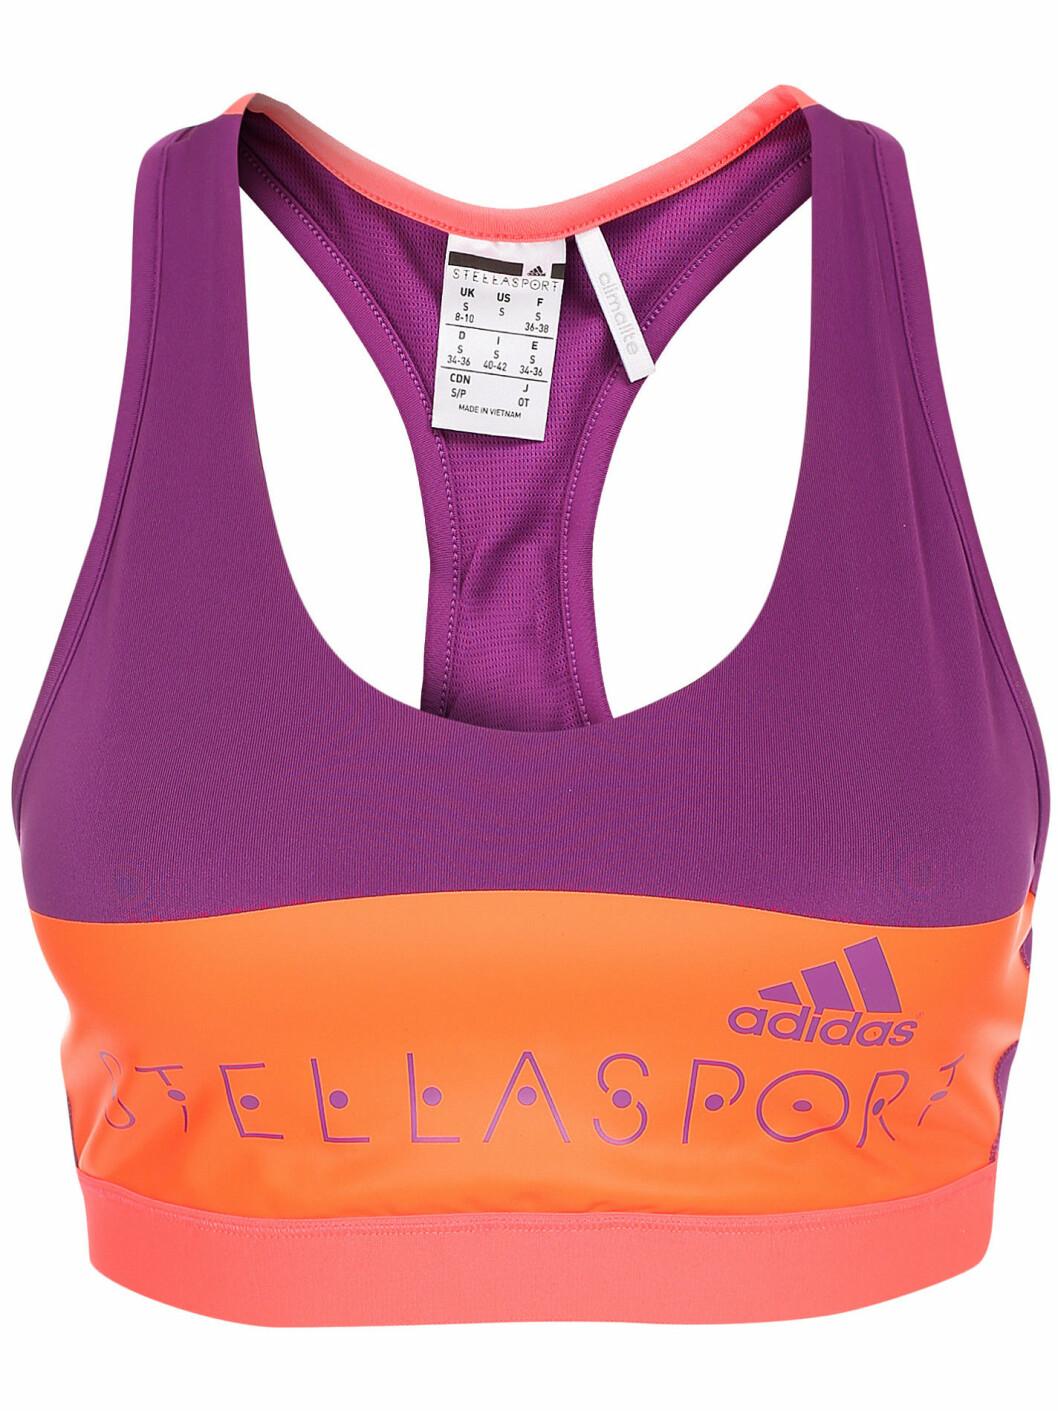 adidas_stella_sport_bh